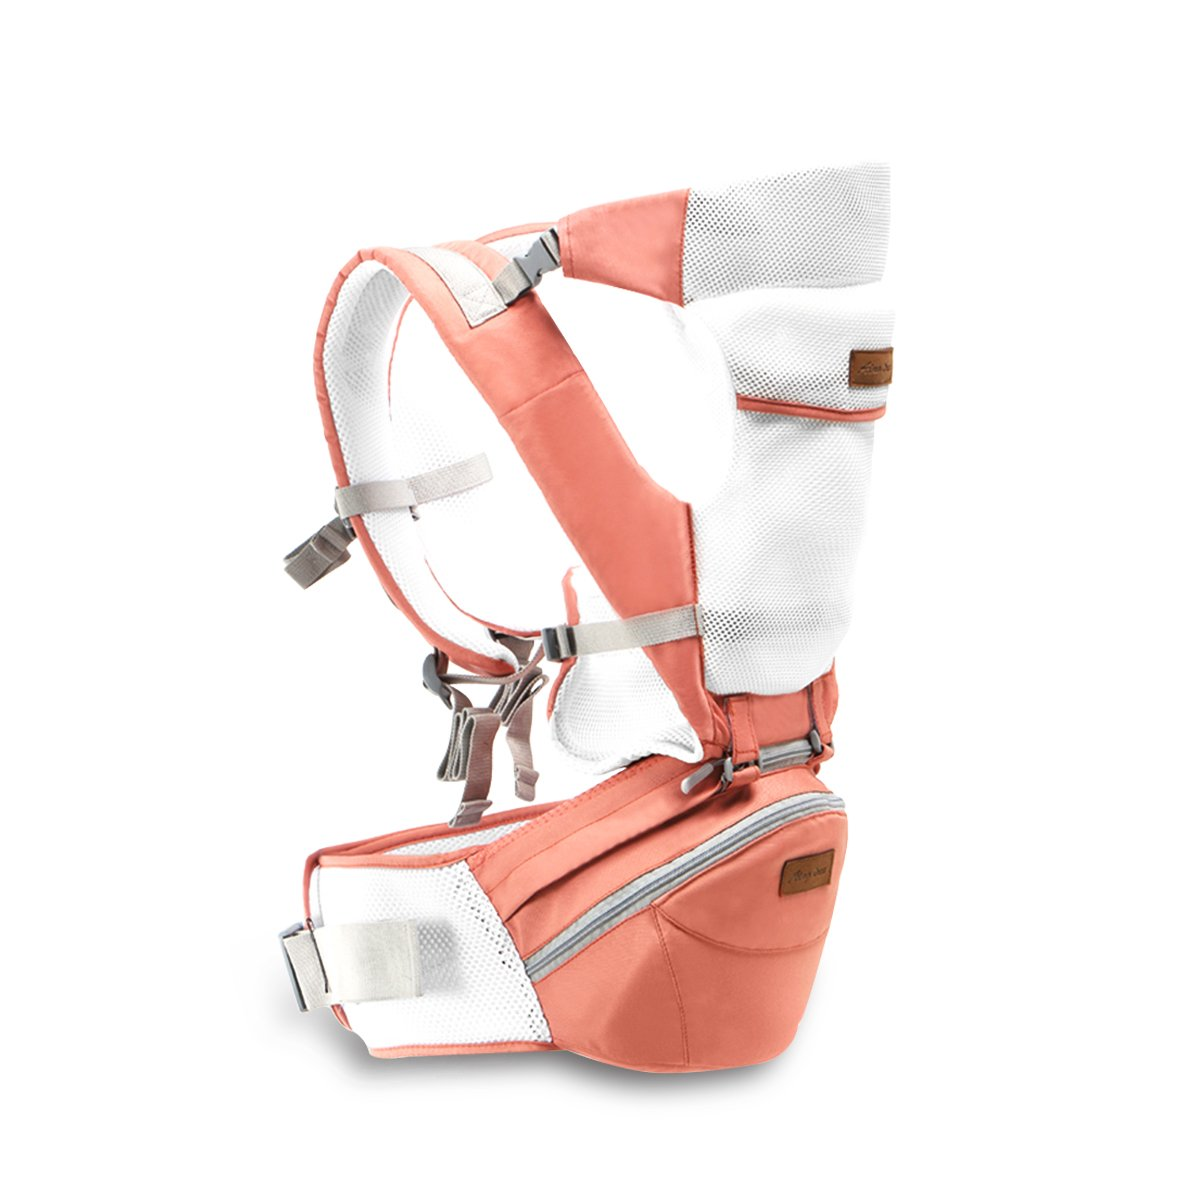 SONARIN 3 en 1 multifonction Hipseat Baby Carrier, Porte-bébé, ergonomique, Sac maman,100% coton, Soutien respirant en maille, facile à supporter et facile maman, confortable et apaisante pour bébés, adapté à la croissance de votre enfant, 100% GARANTIE e